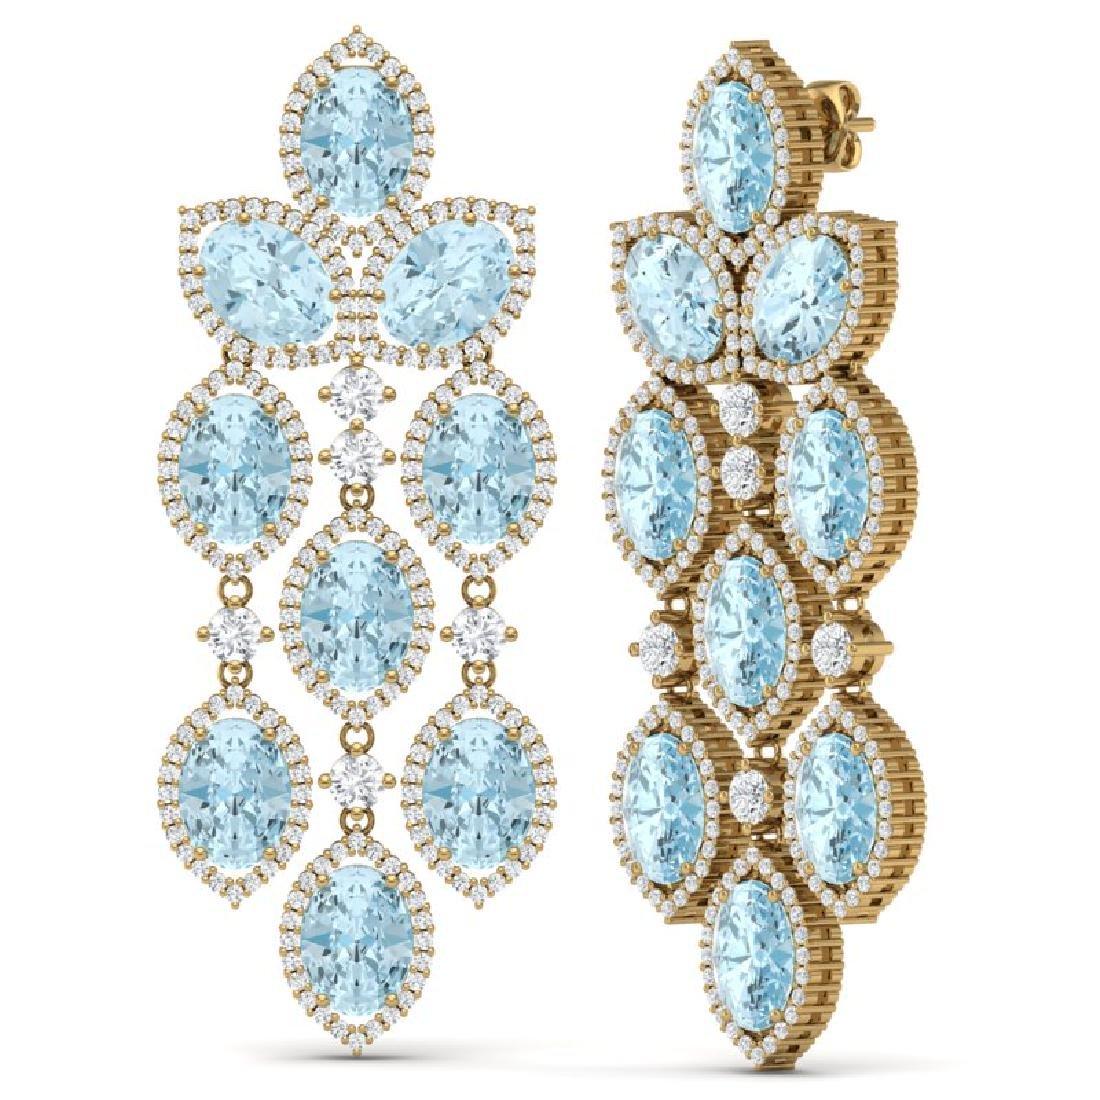 23.76 CTW Royalty Sky Topaz & VS Diamond Earrings 18K - 3